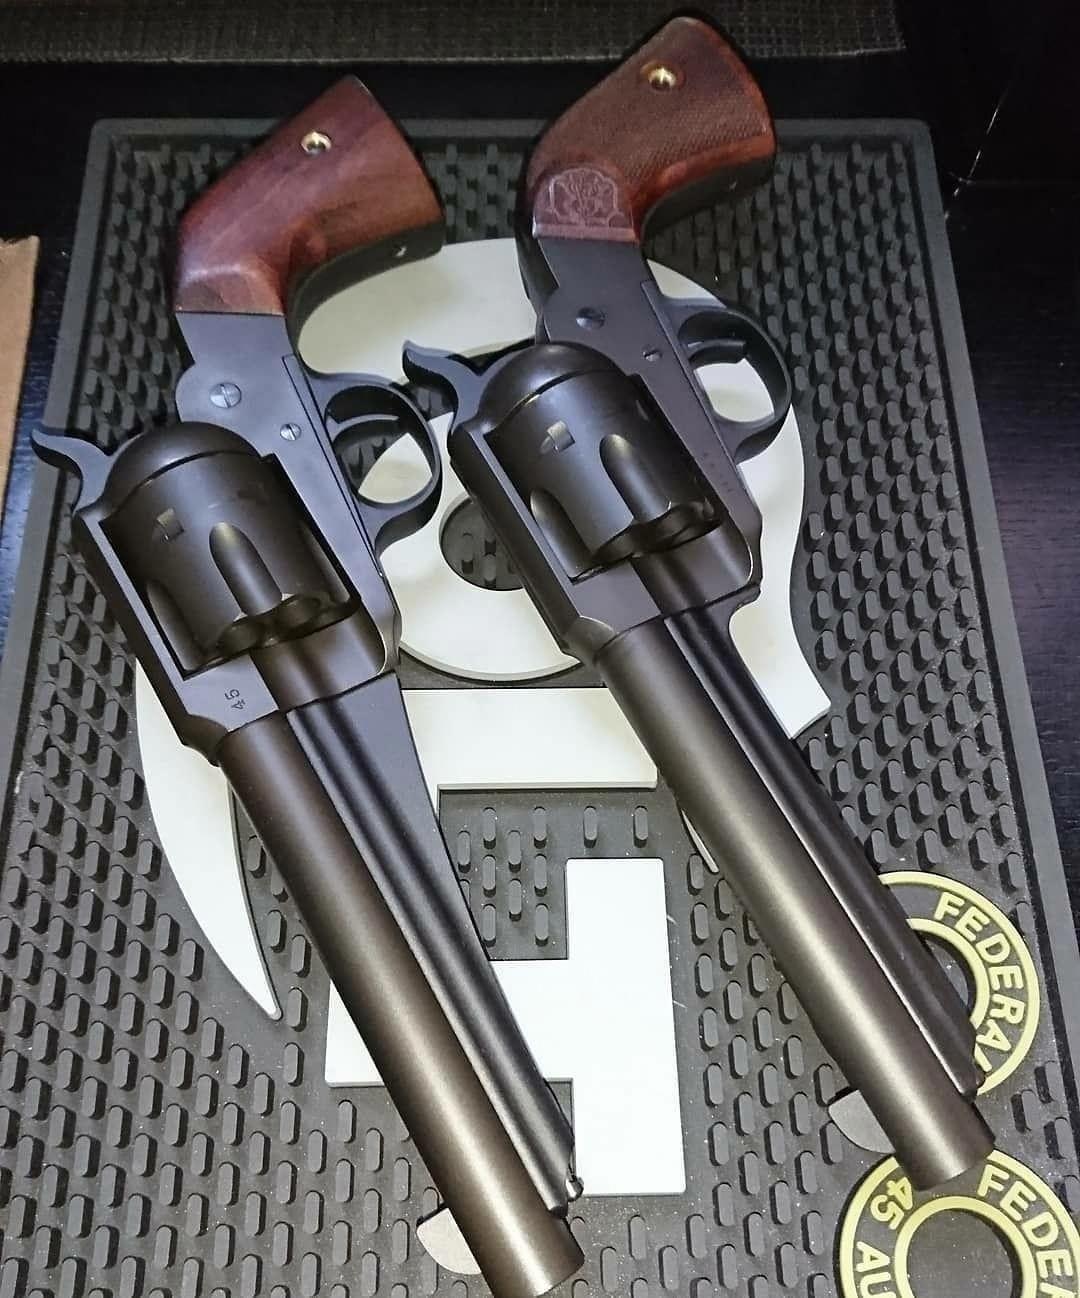 Remington 1890, 1875 #weapon #weapons #gun #guns #pistol